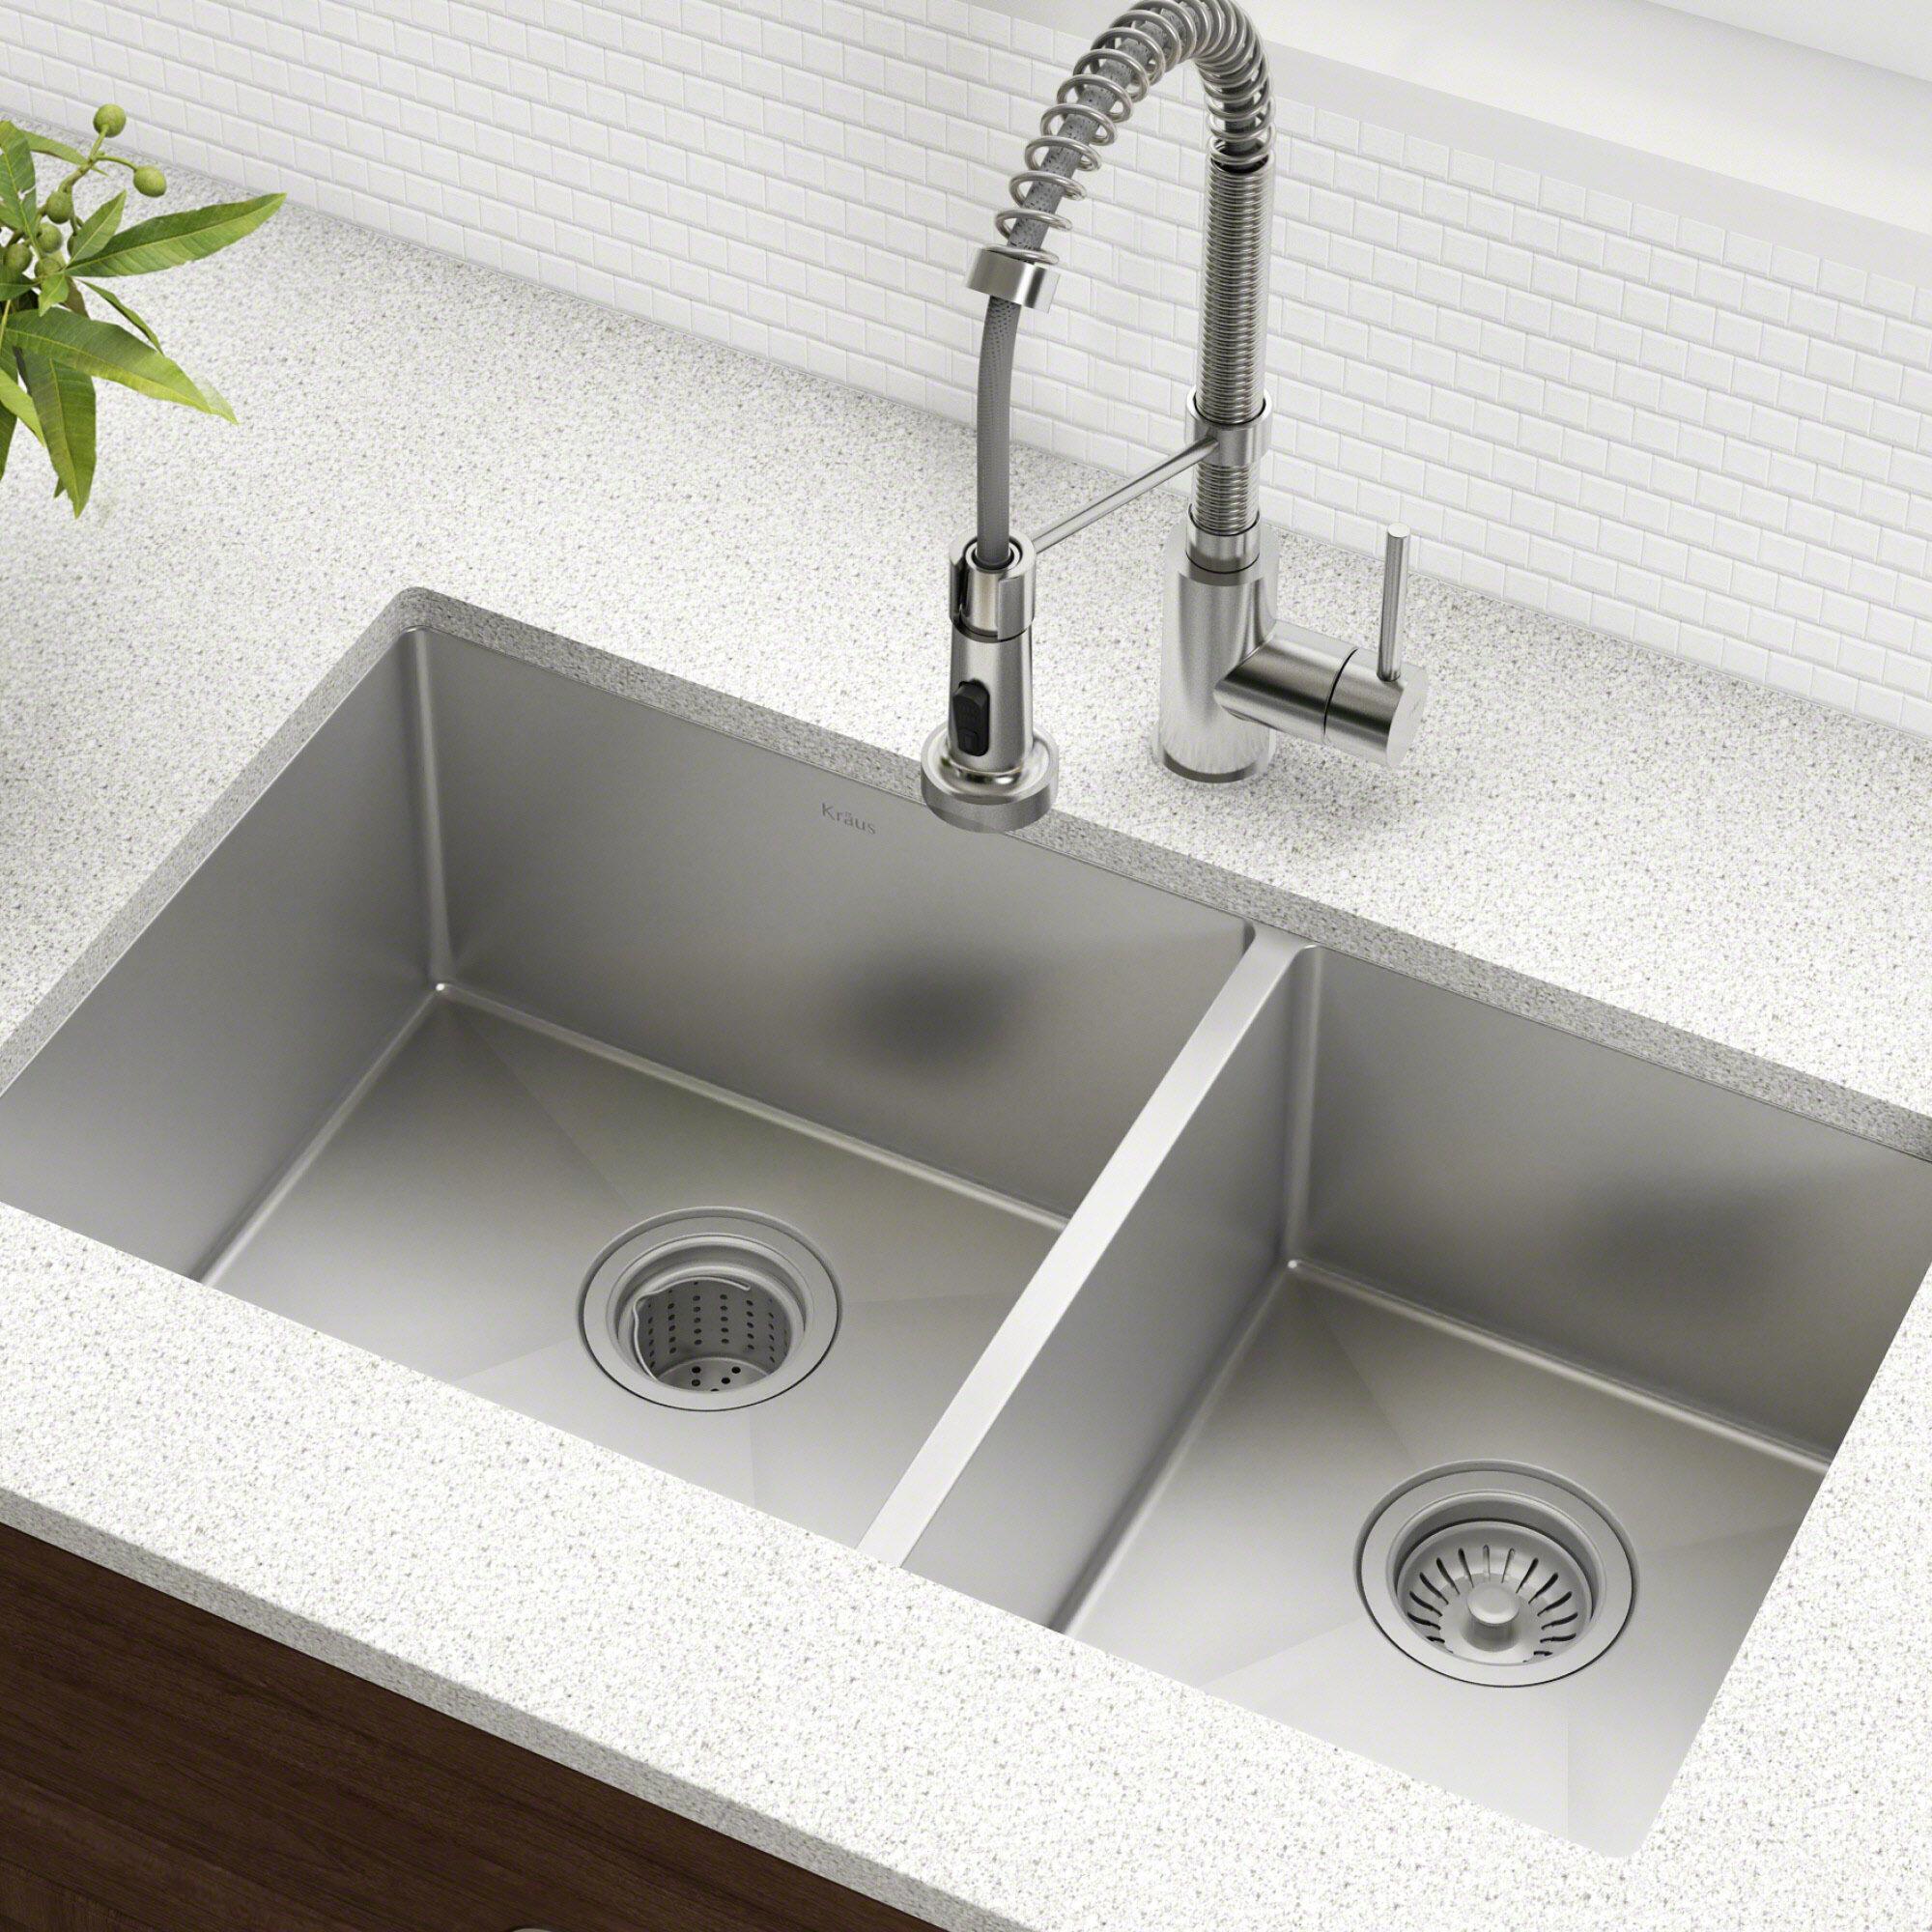 khu103 33 kraus kitchen sink 33 l x 19 w double basin undermount rh wayfair com